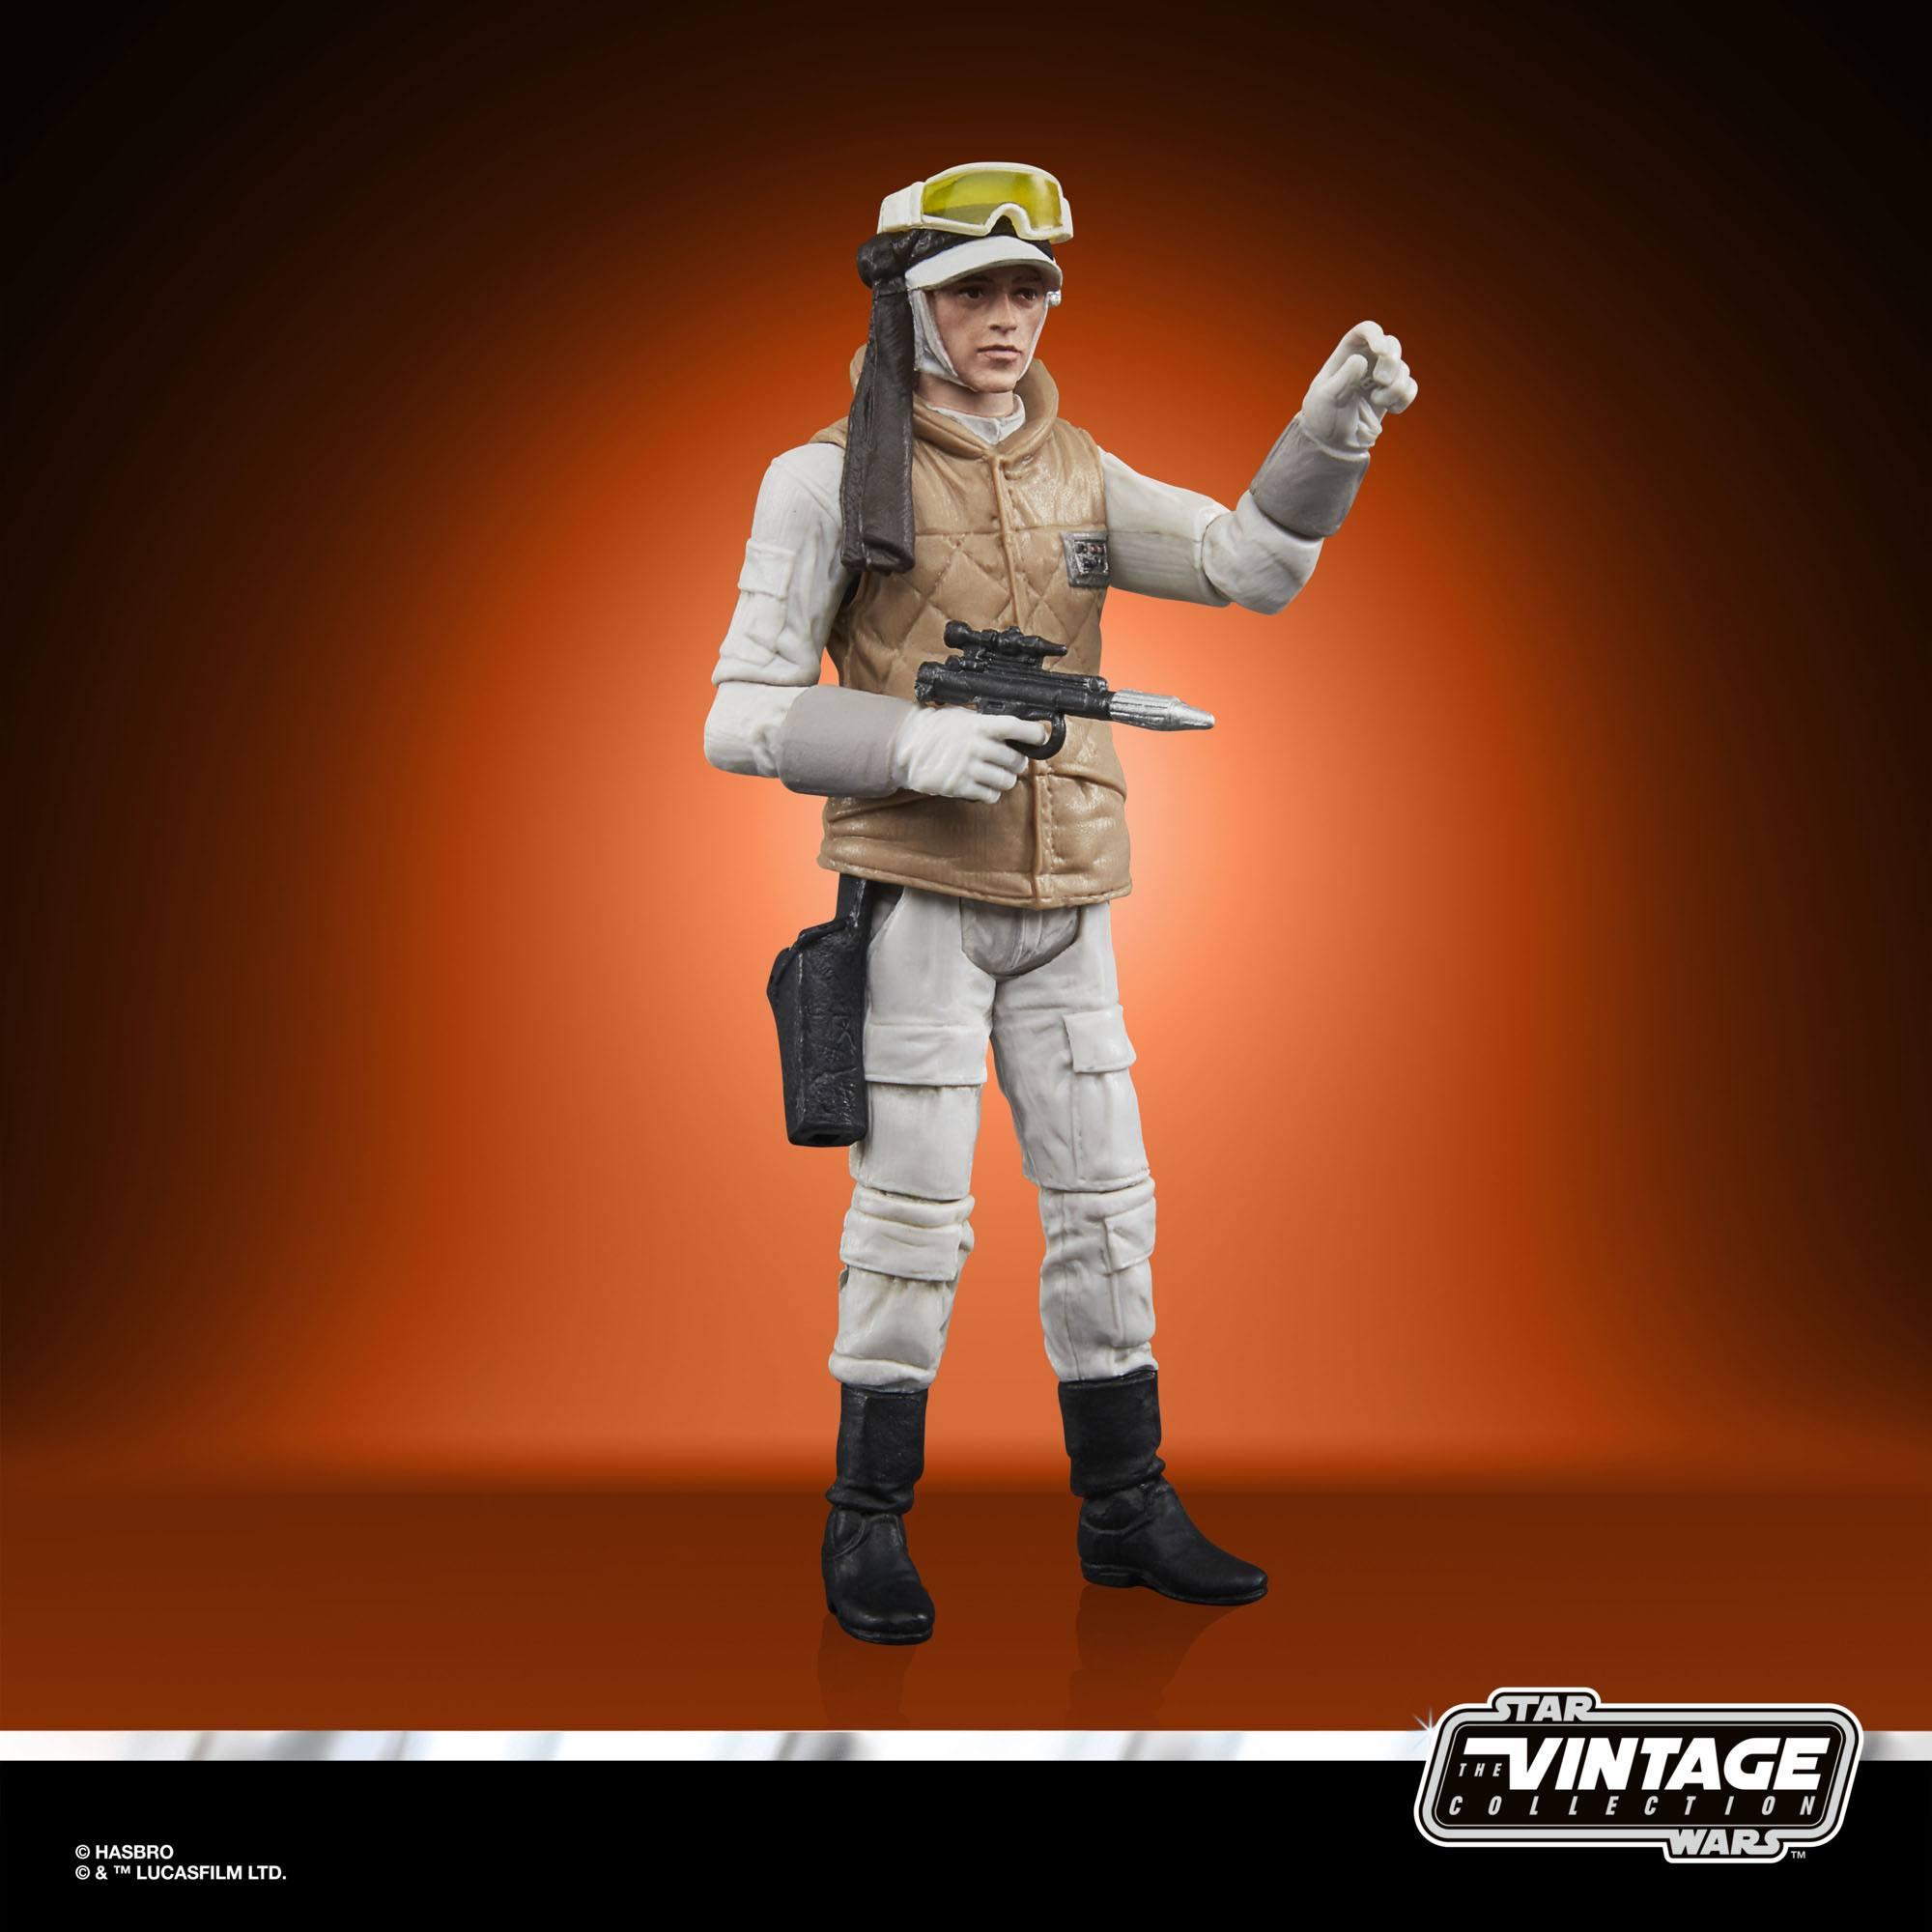 Star Wars Episode V Vintage Collection Actionfigur 2022 Rebel Soldier (Echo Base Battle Gear) 10 cm HASF4467 5010993958023